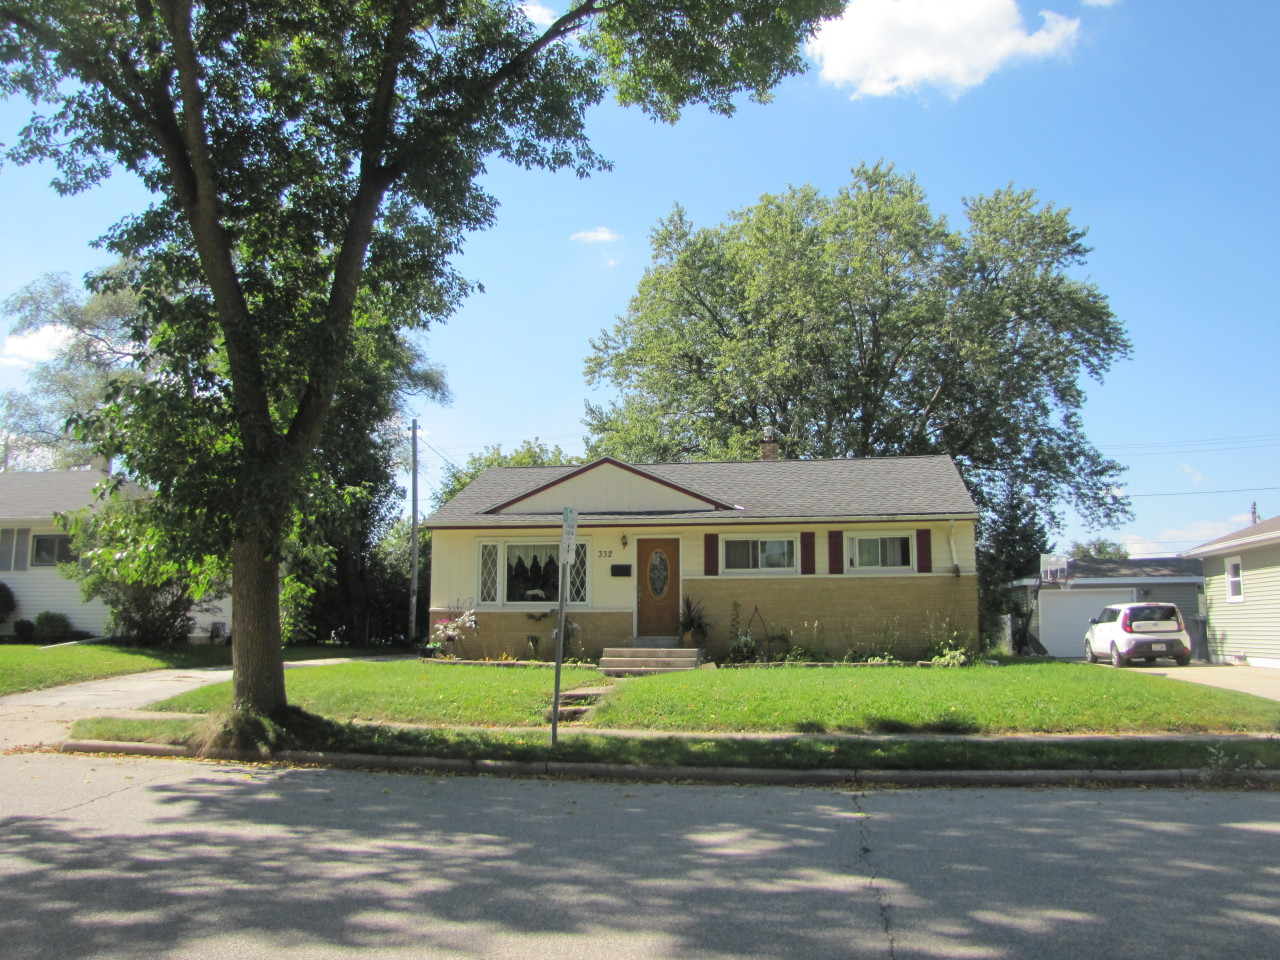 332 Greenmeadow Dr, Waukesha, Wisconsin 53188, 3 Bedrooms Bedrooms, 5 Rooms Rooms,1 BathroomBathrooms,Single-Family,For Sale,Greenmeadow Dr,1636223